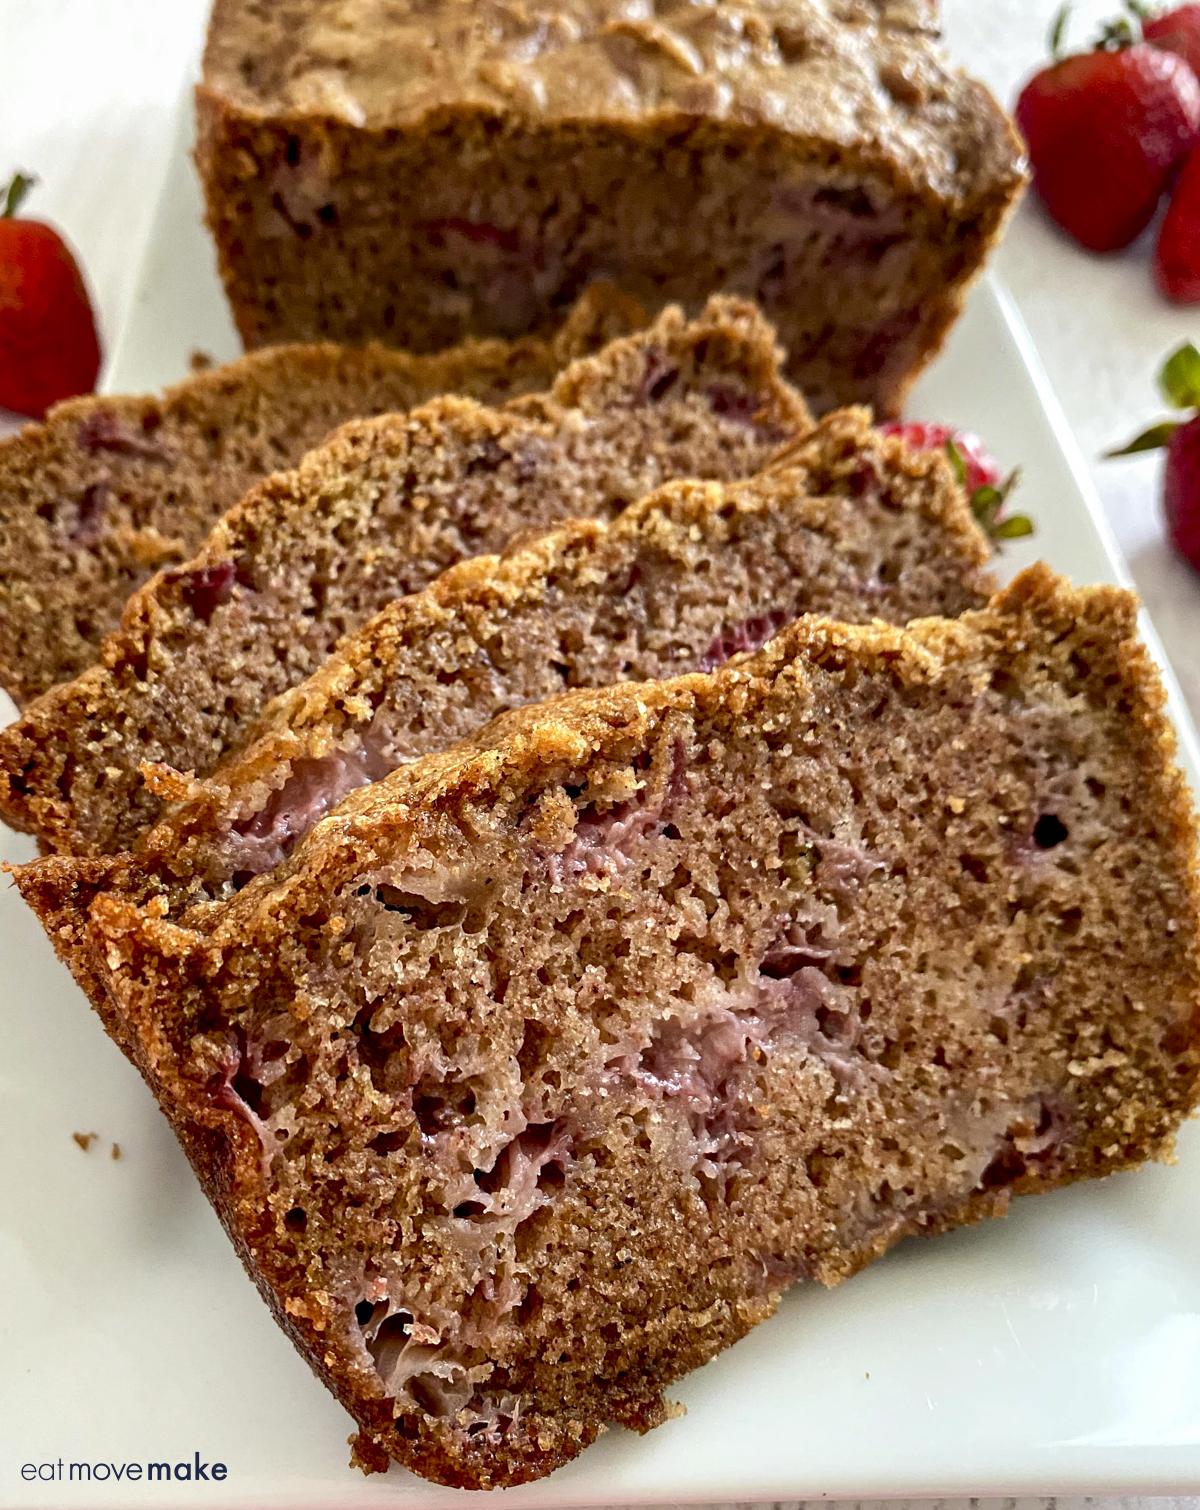 strawberry quick bread slices